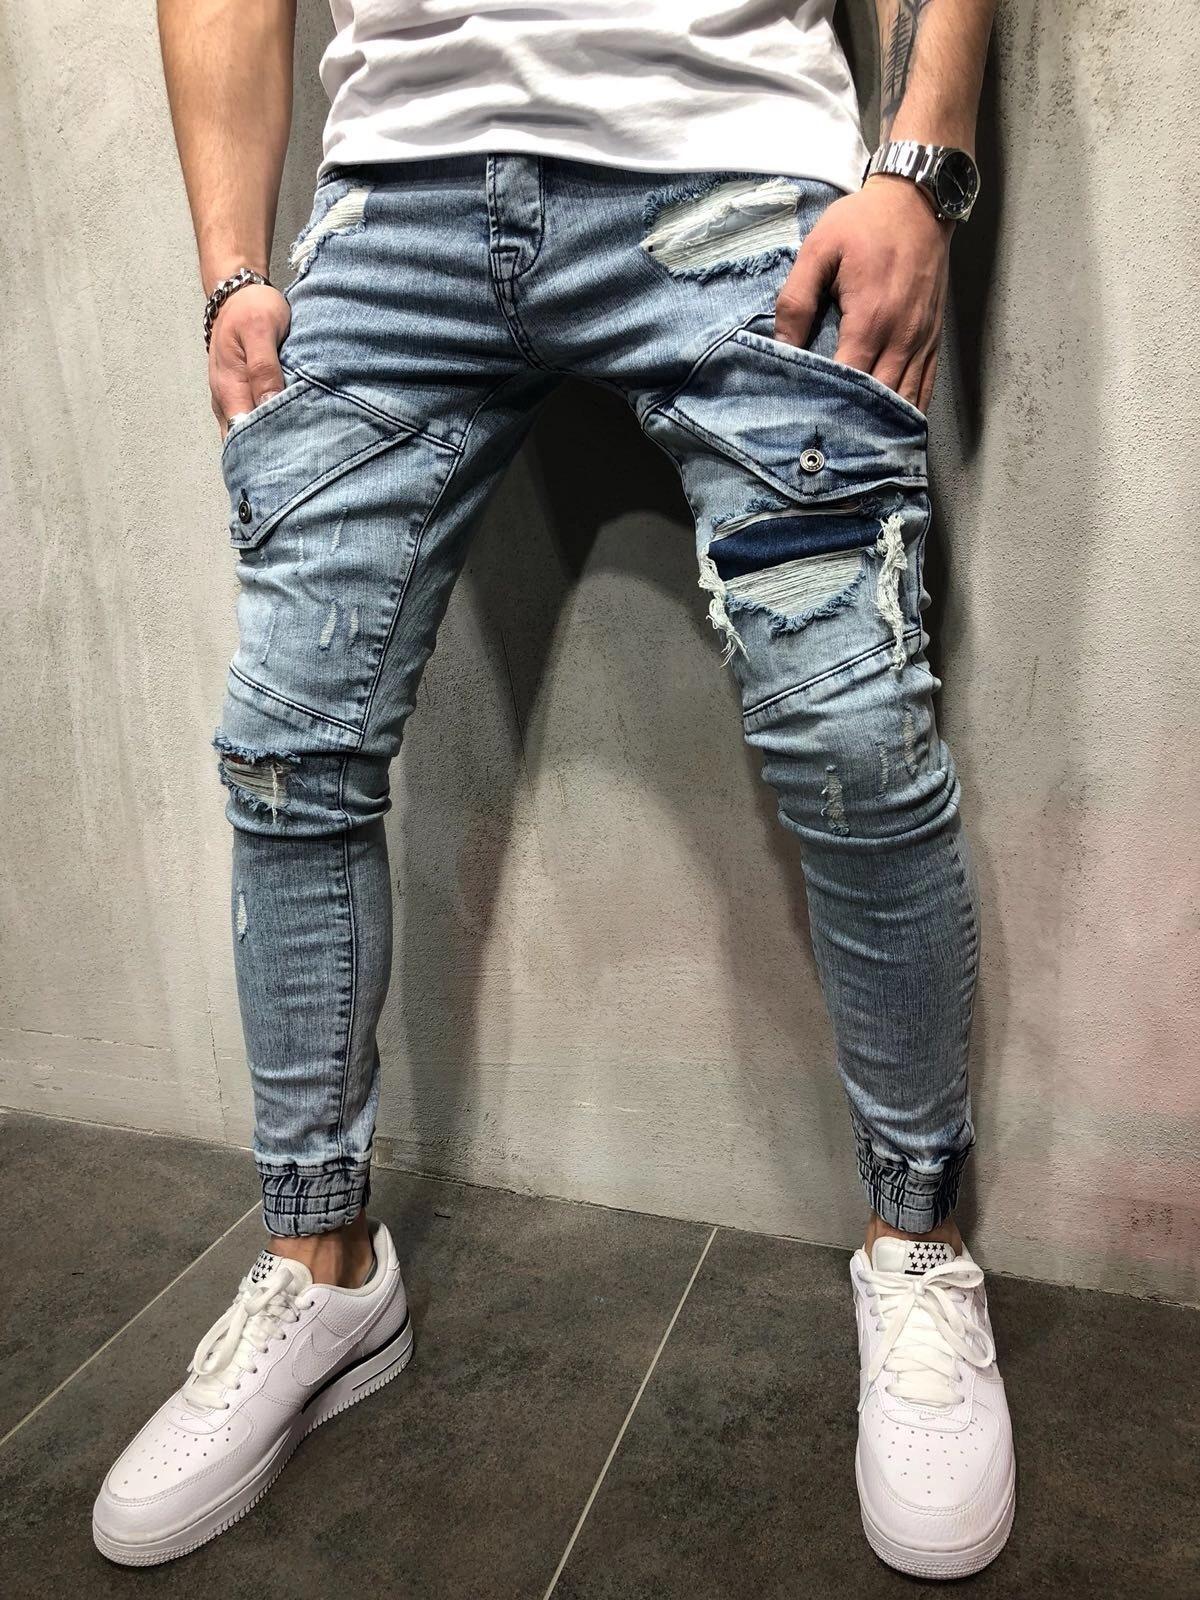 Moda Pantolon Tasarımcısı Erkek Denim Mavi Jeans Ripped Slim Fit Sıkıntılı Delik Kalem Pantolon Sıska Uzun Tasarımcı Pantalones